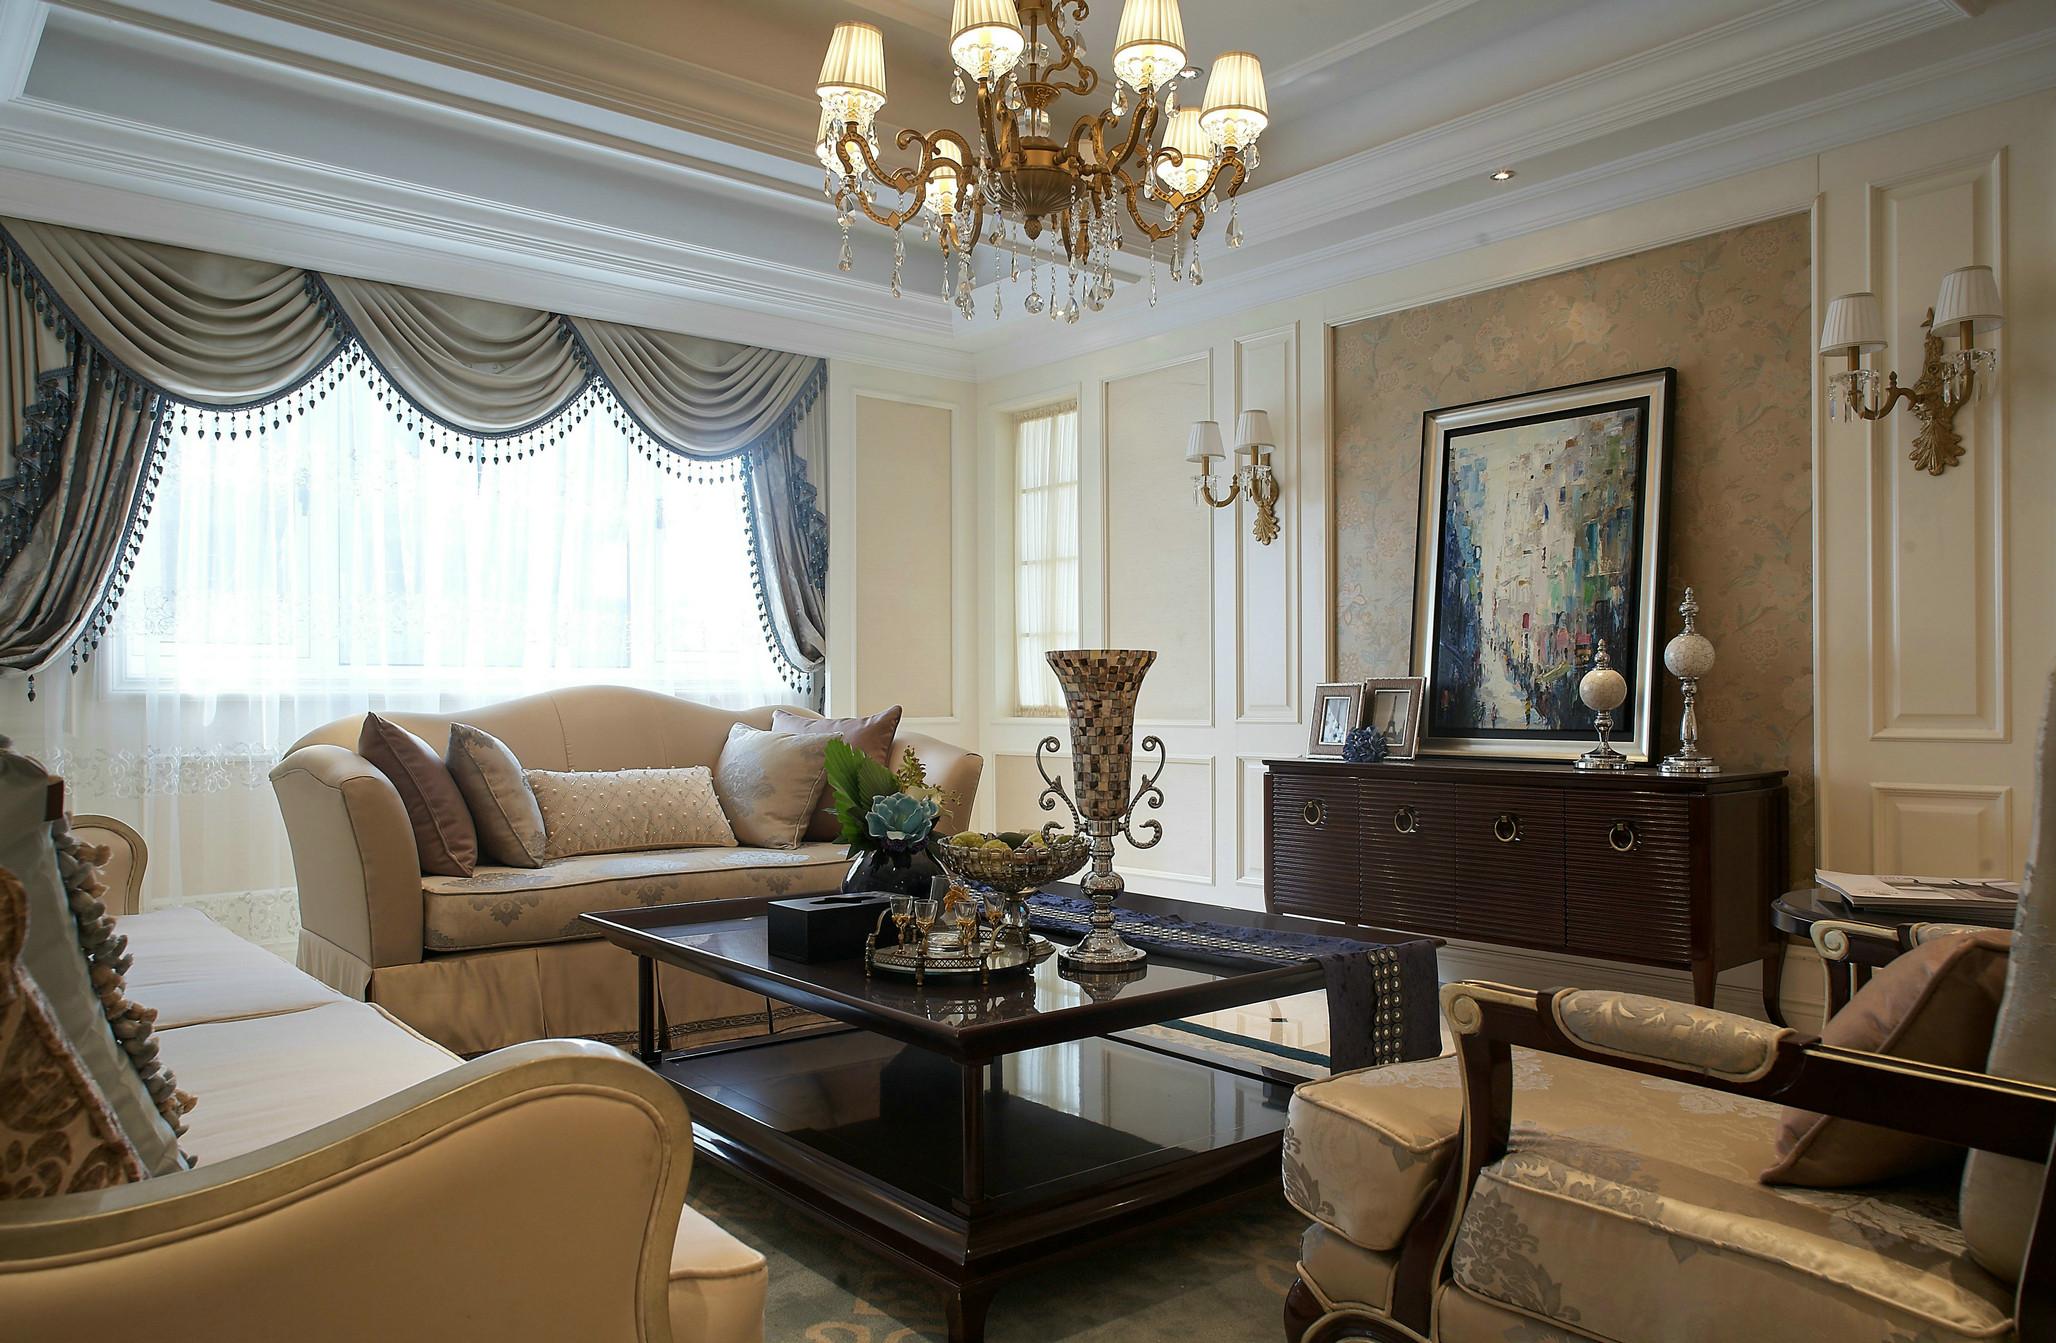 客厅虽然不大,但是处处透露着温馨与华丽。